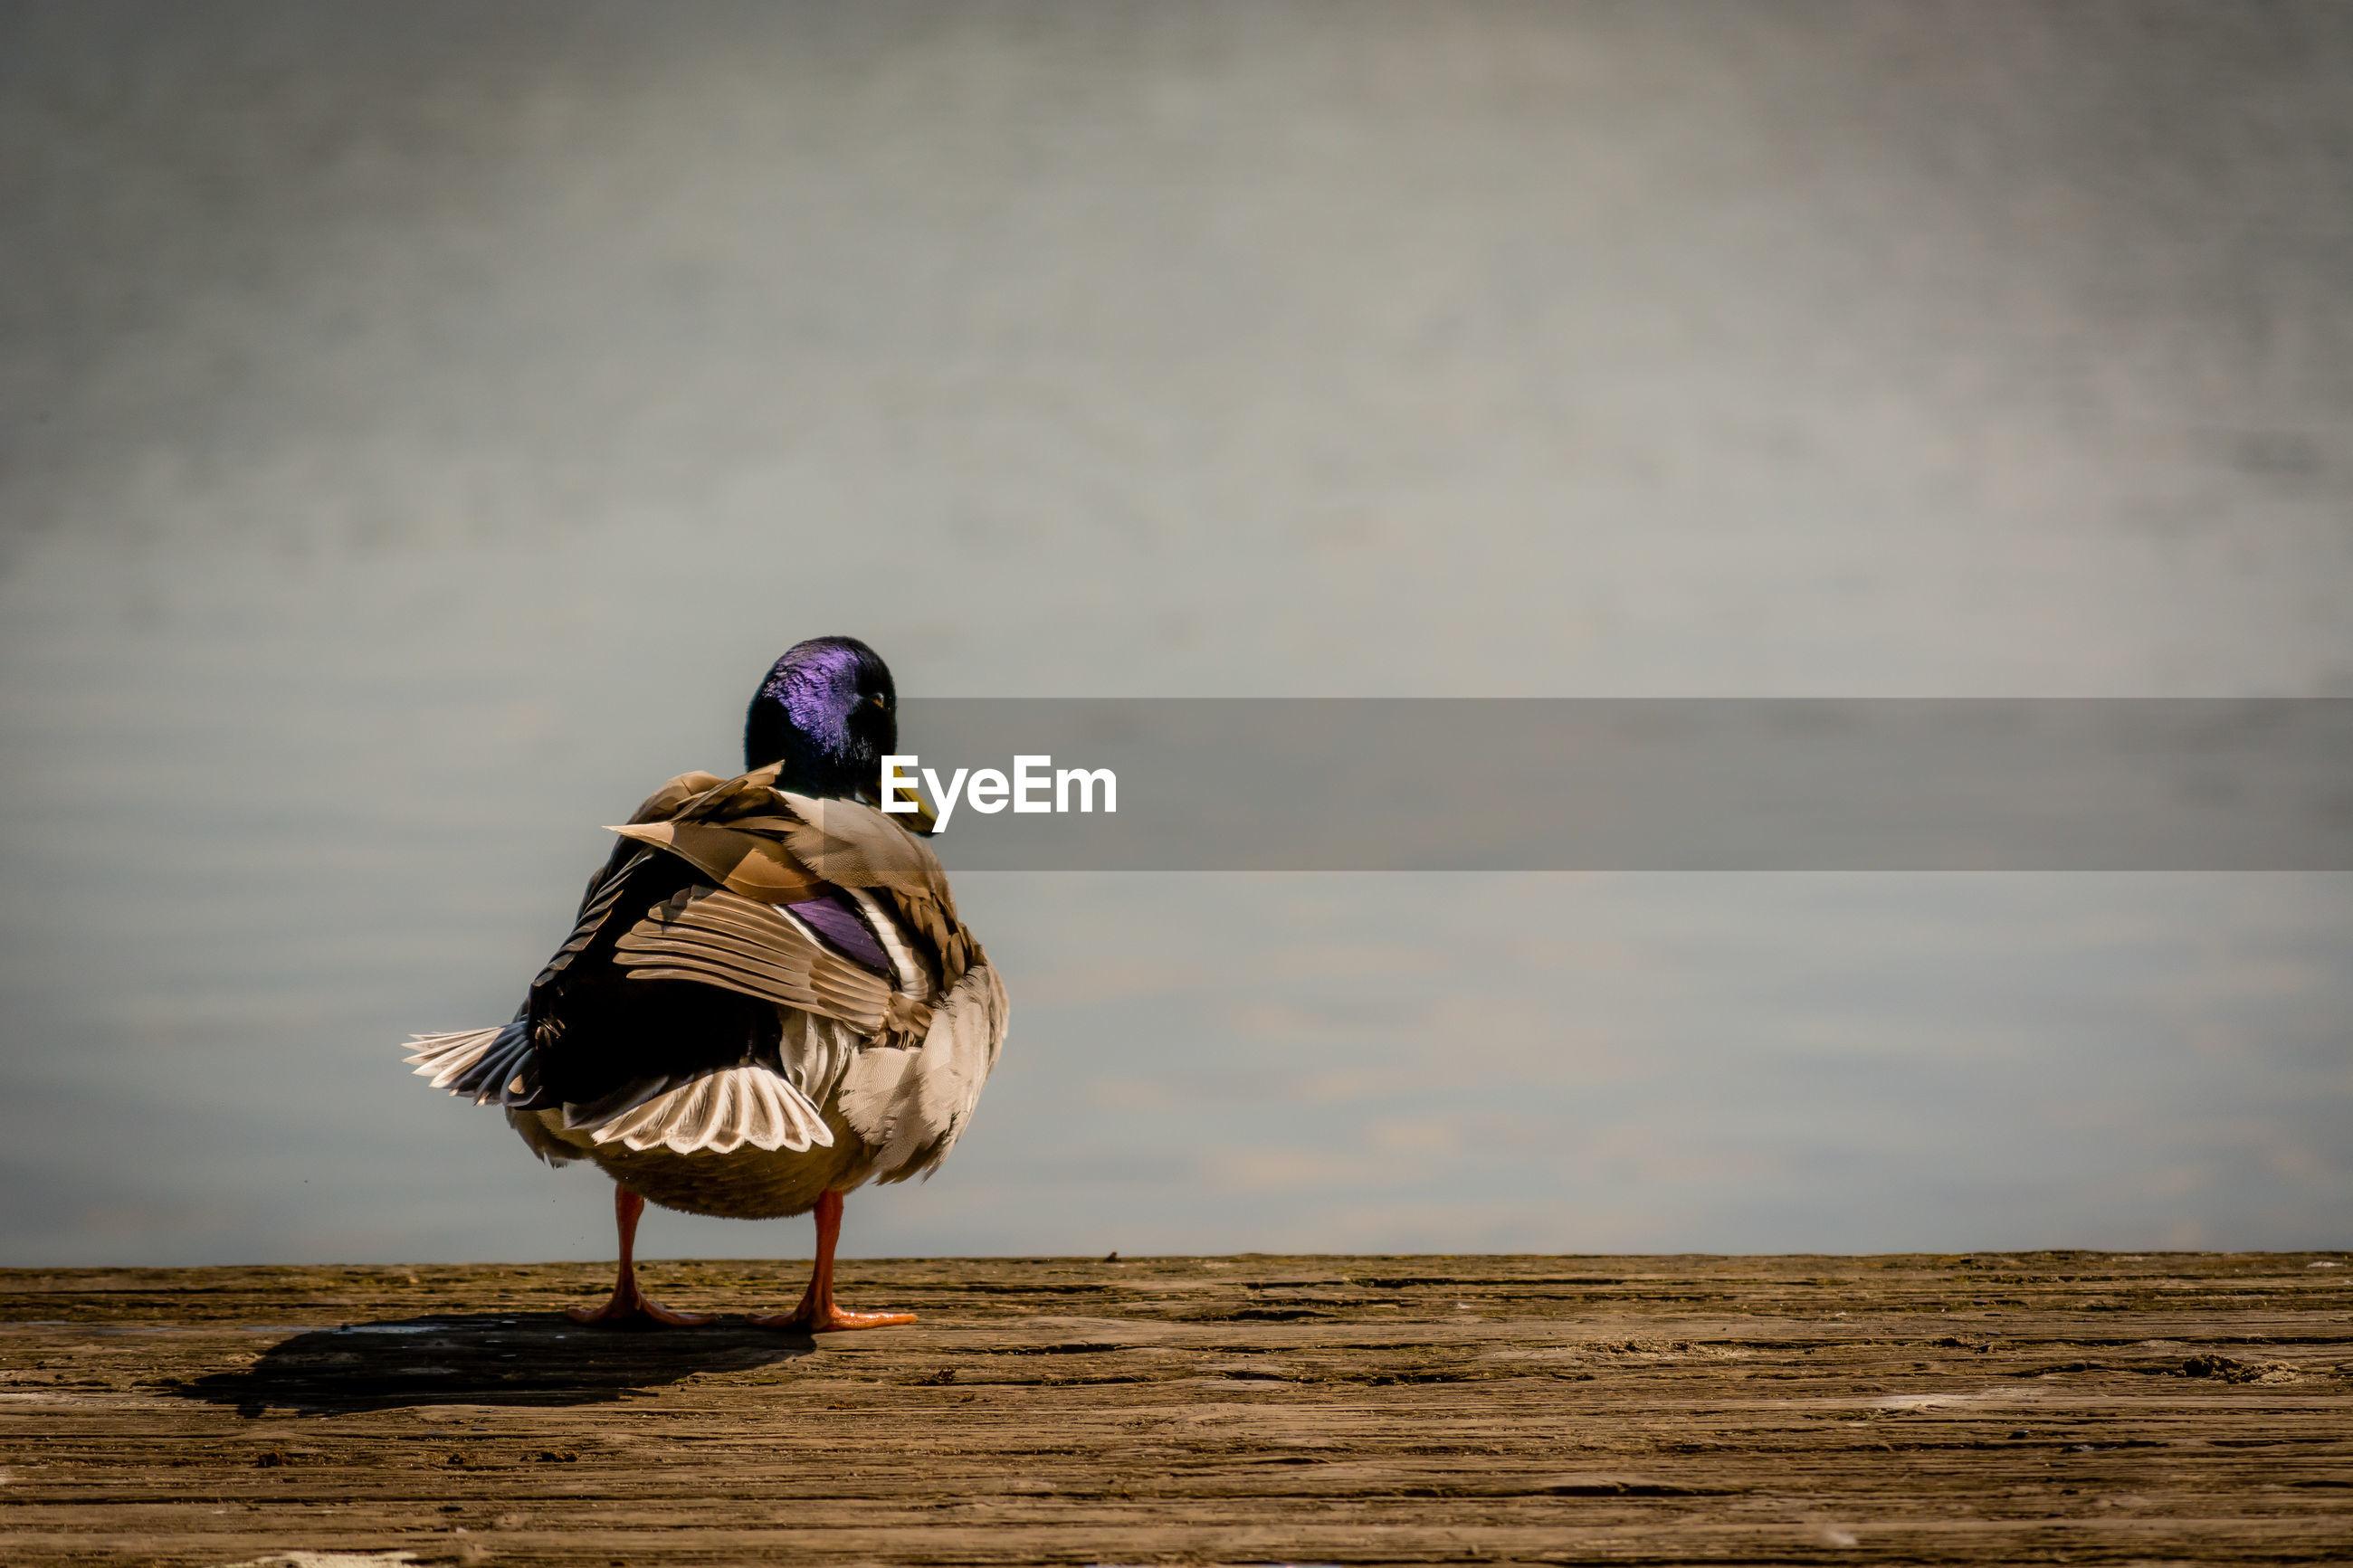 Mallard duck by lake on jetty